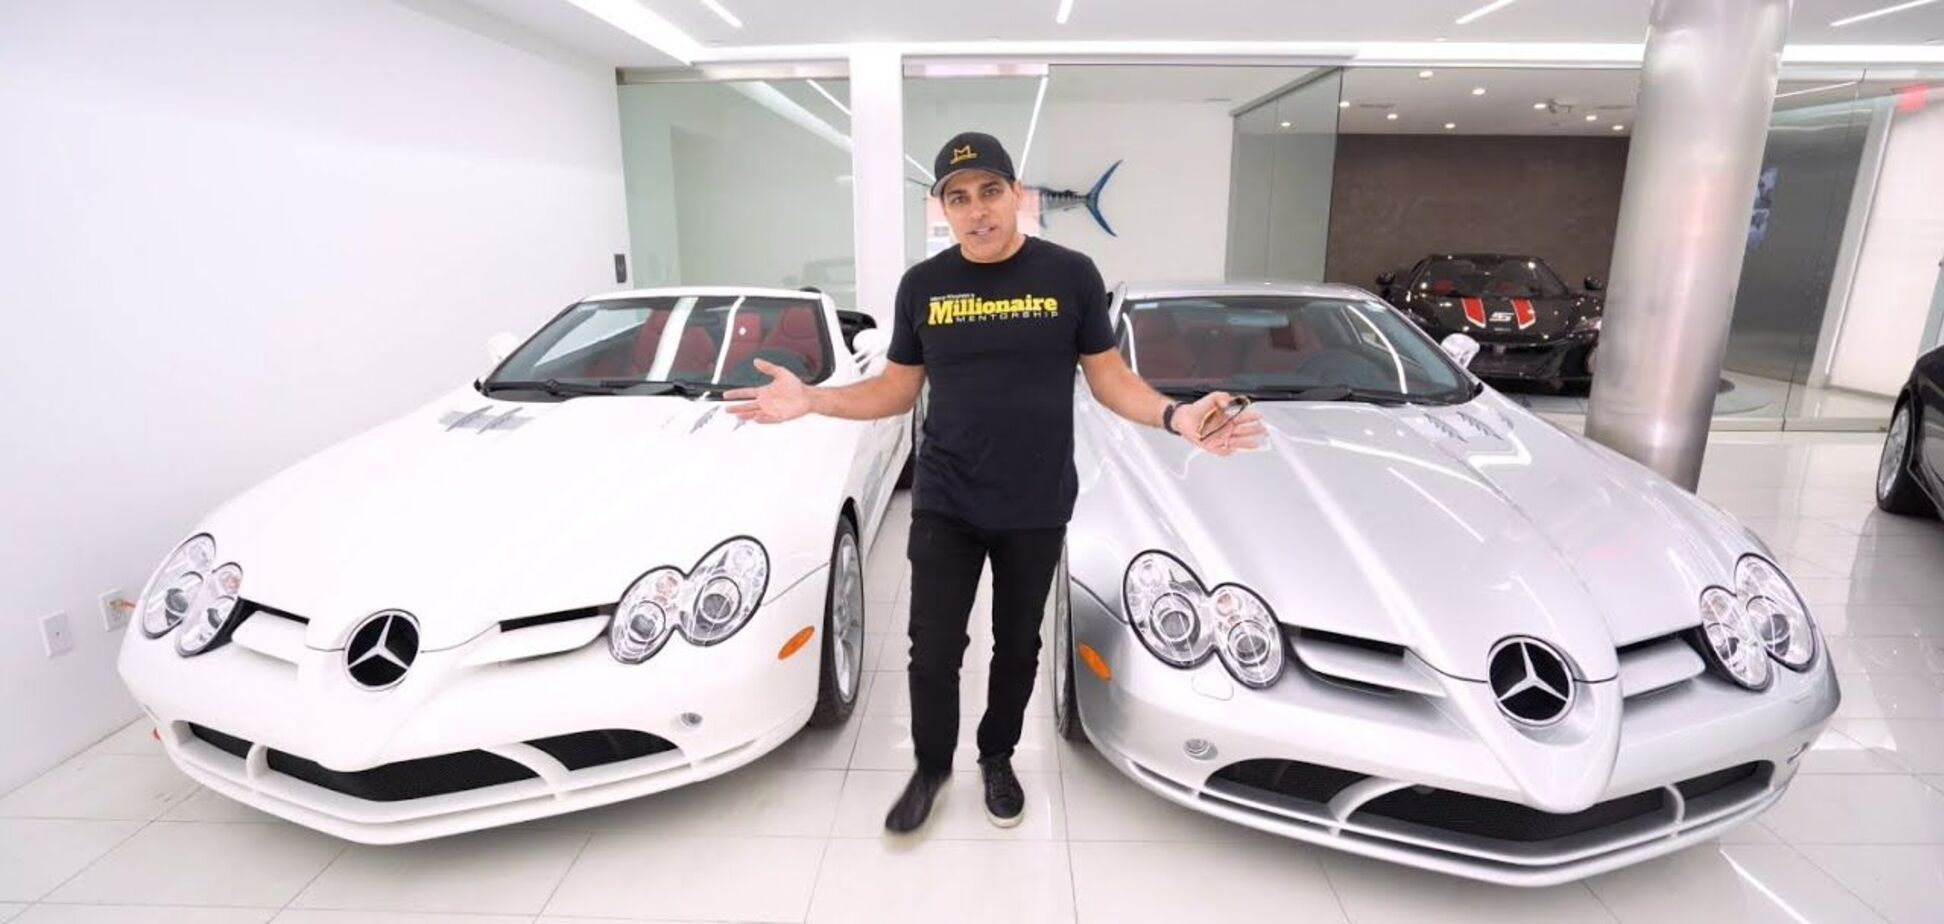 Владелец 5 одинаковых Mercedes рассказал, во сколько ему обходится обслуживание авто